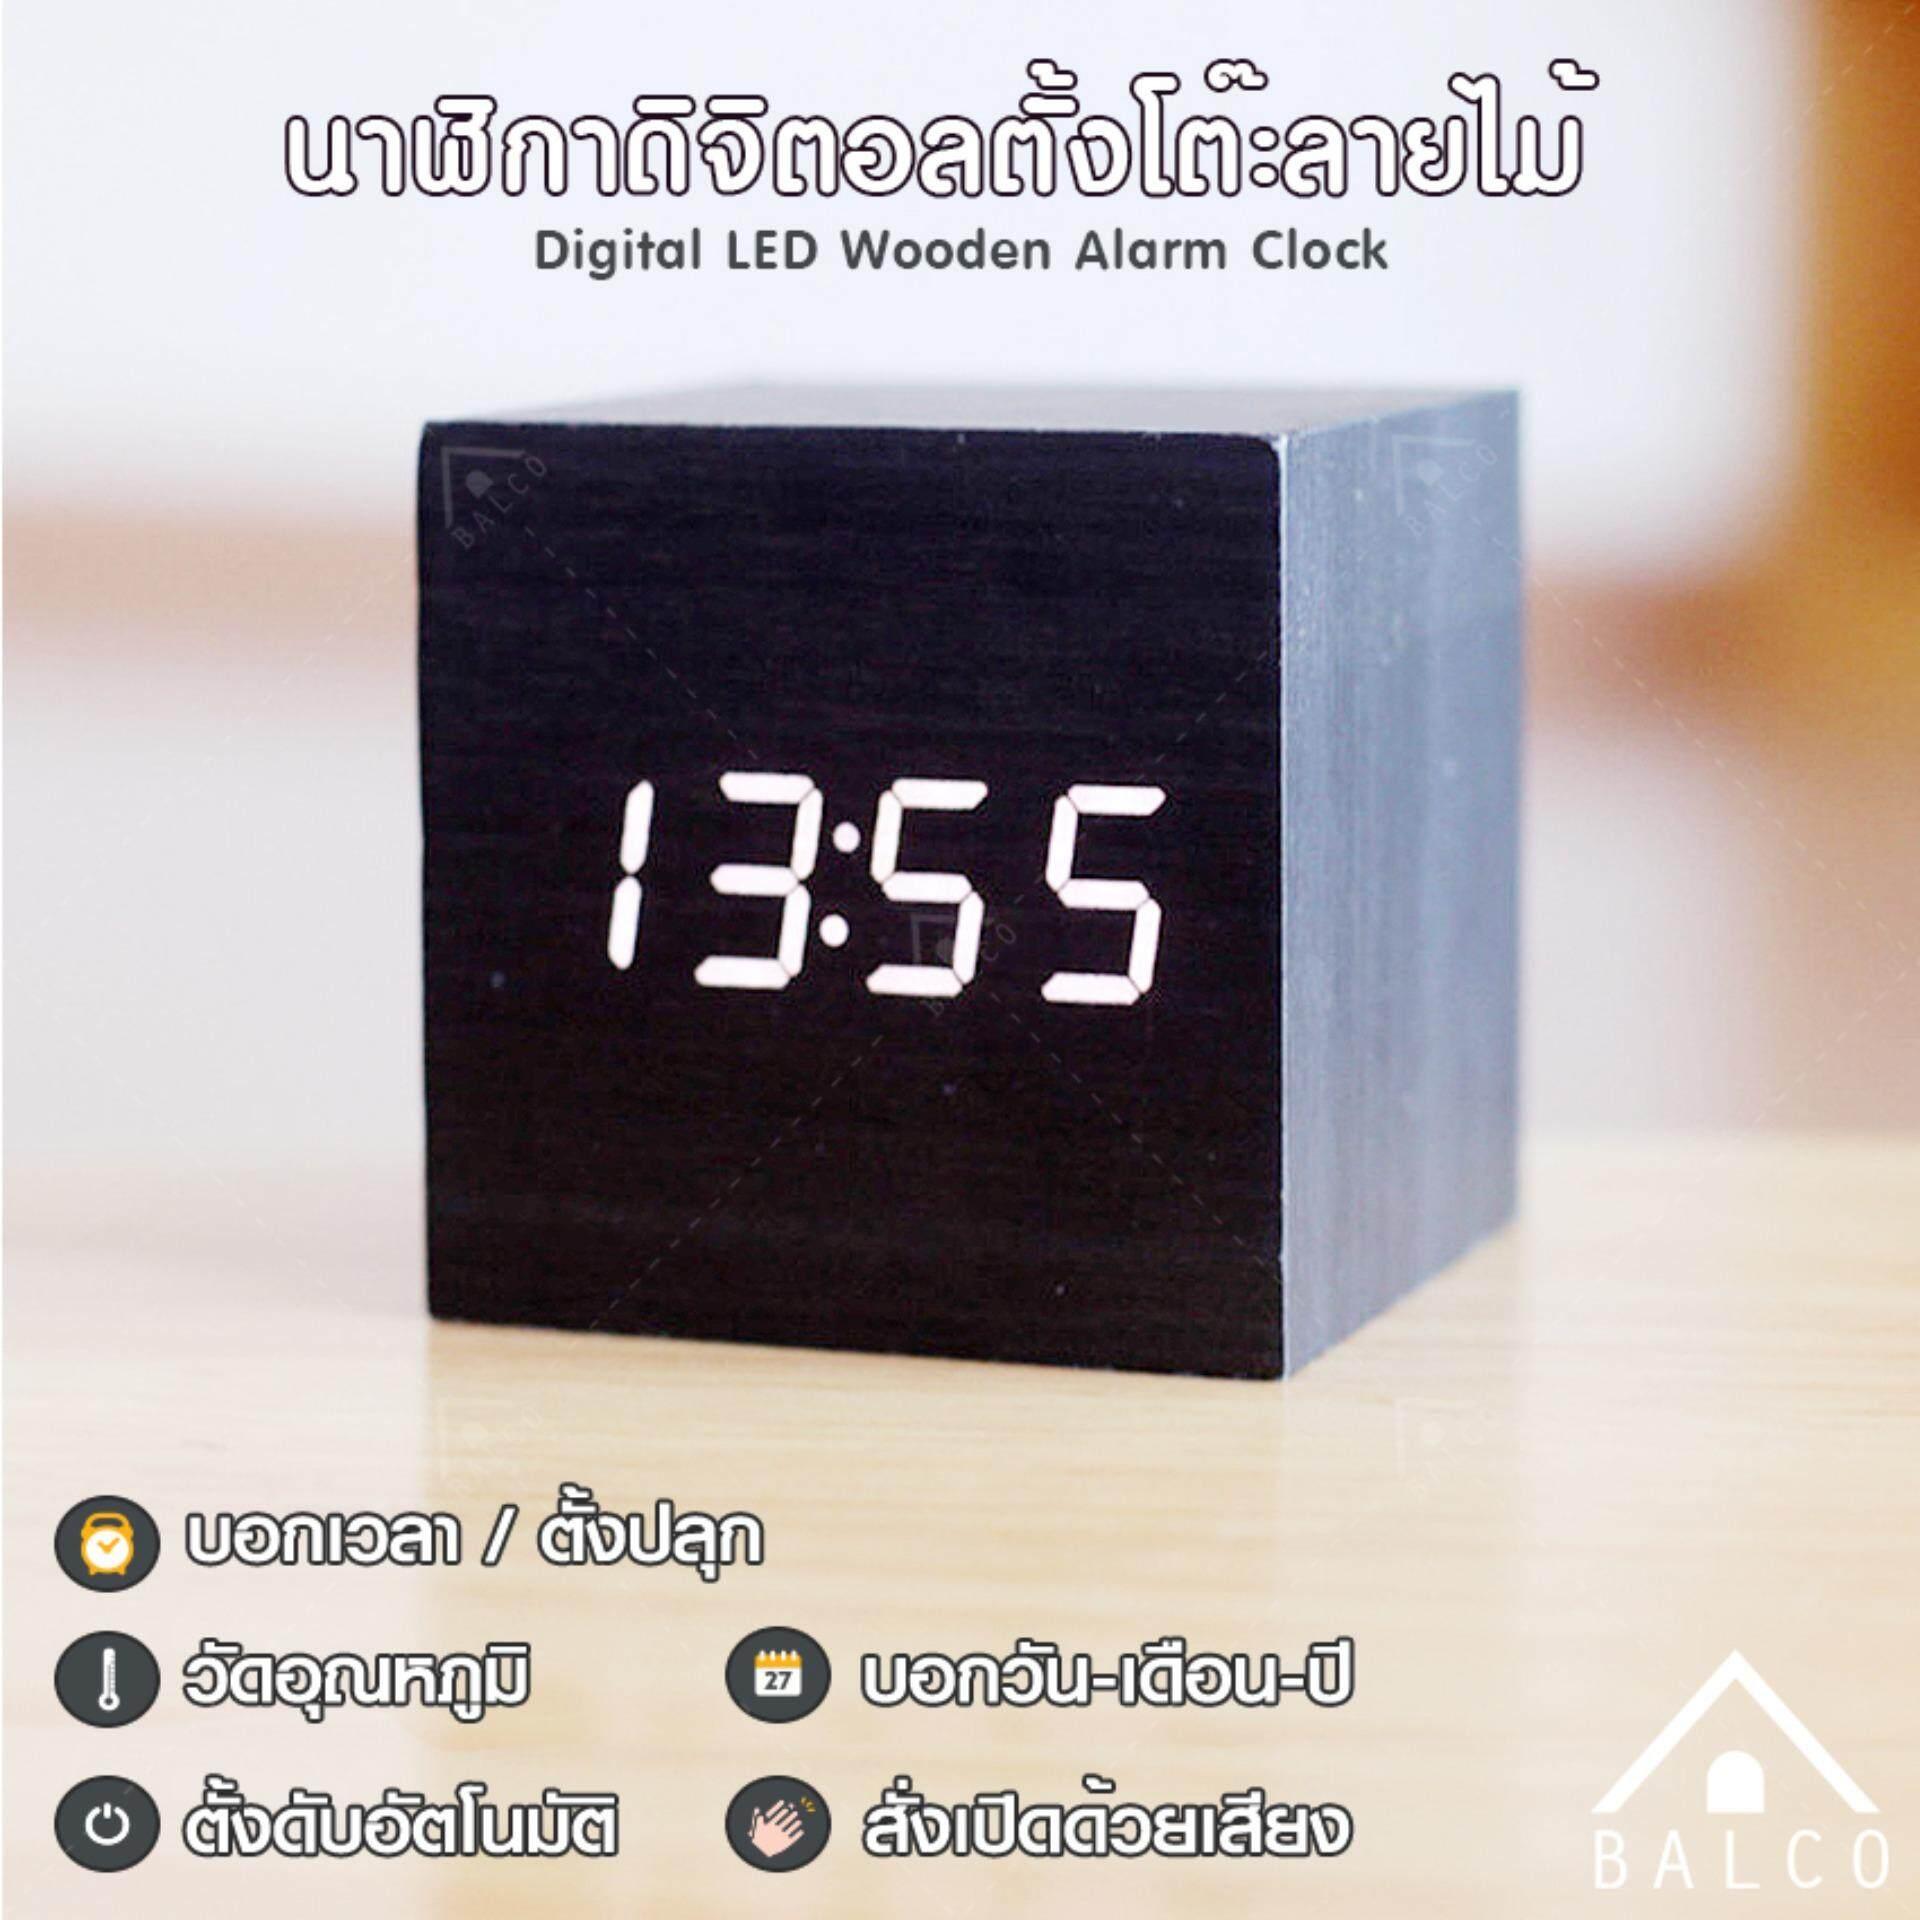 ทบทวน ที่สุด Balco นาฬิกาดิจิตอลตั้งโต๊ะลายไม้ Digital Led Wooden Alarm Clock บอกเวลา บอกวันเดือนปี ตั้งปลุก และวัดอุณหภูมิได้ ฟังค์ชั่นครบครัน รุ่น Kdh 0016 ลายไม้สีดำ ไฟ Led สีขาว Black White